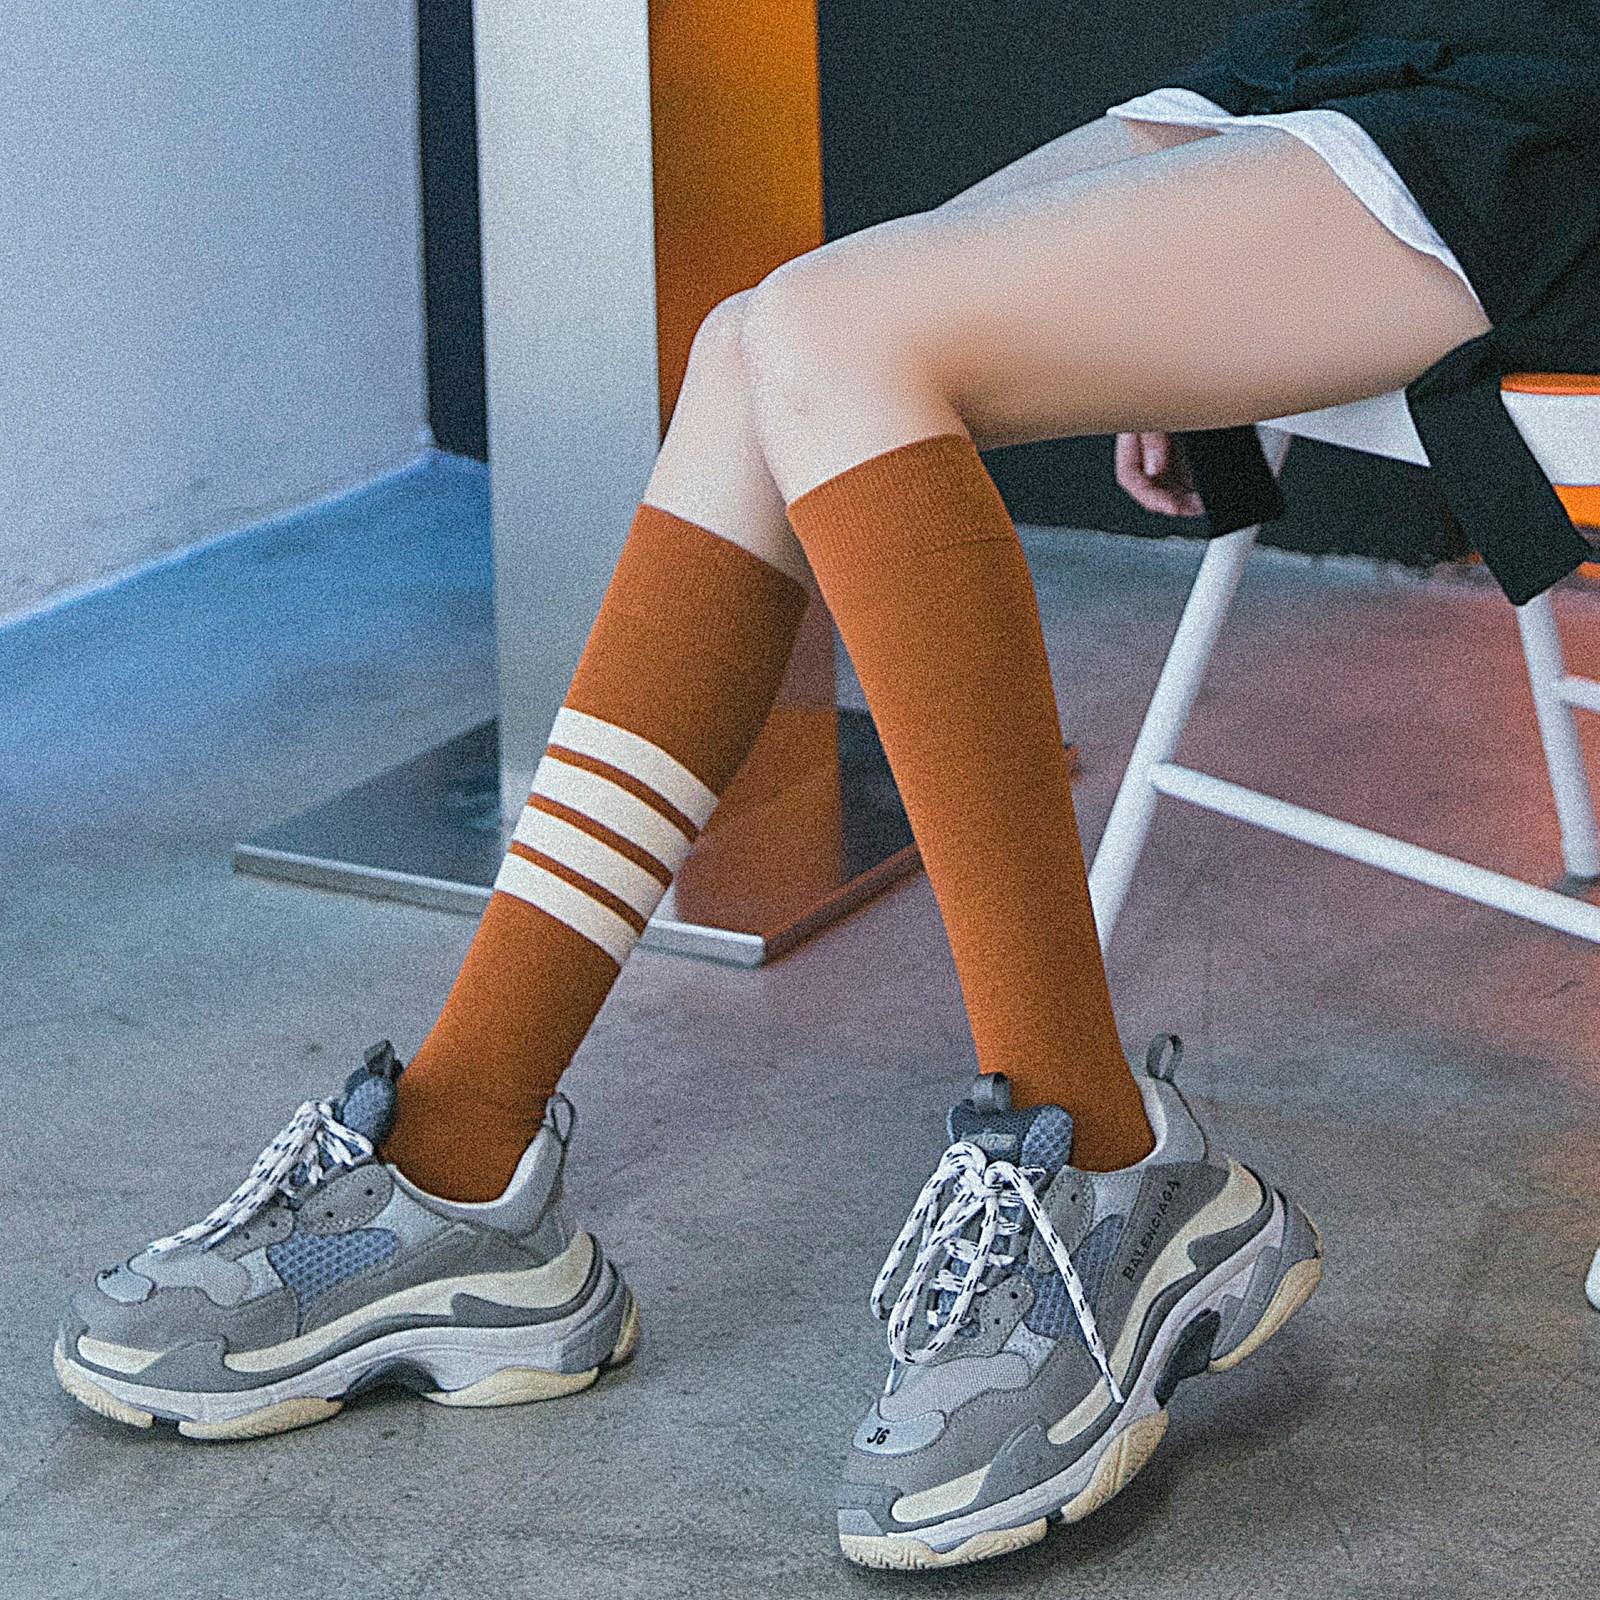 长筒袜子女韩国秋季小腿袜日系女生学院风及膝条纹高筒运动棒球潮